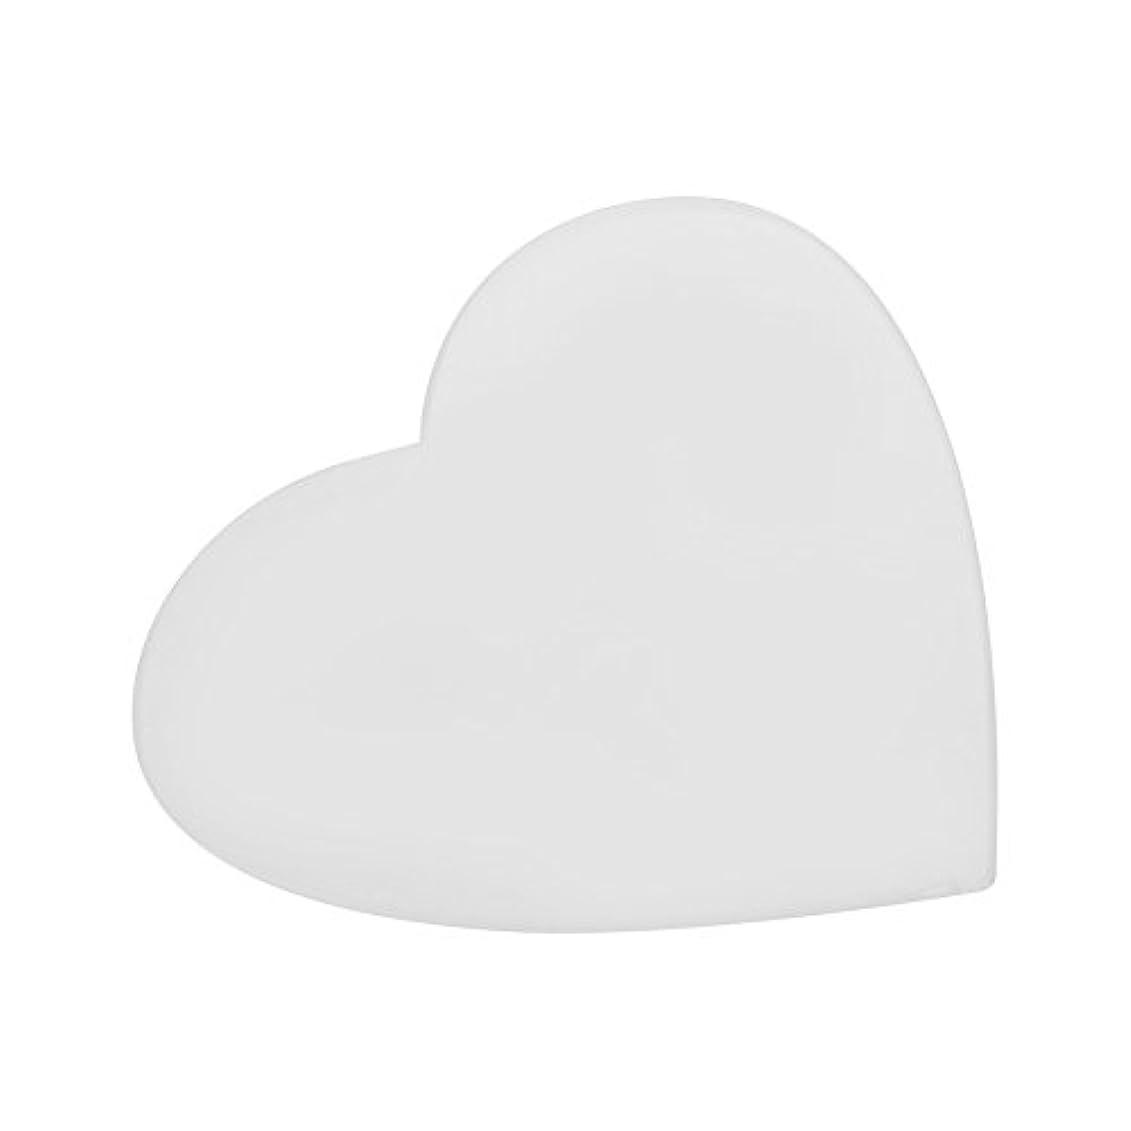 膨らみ馬鹿げたつぶやき乳房ケア用シリコンチェストパッド